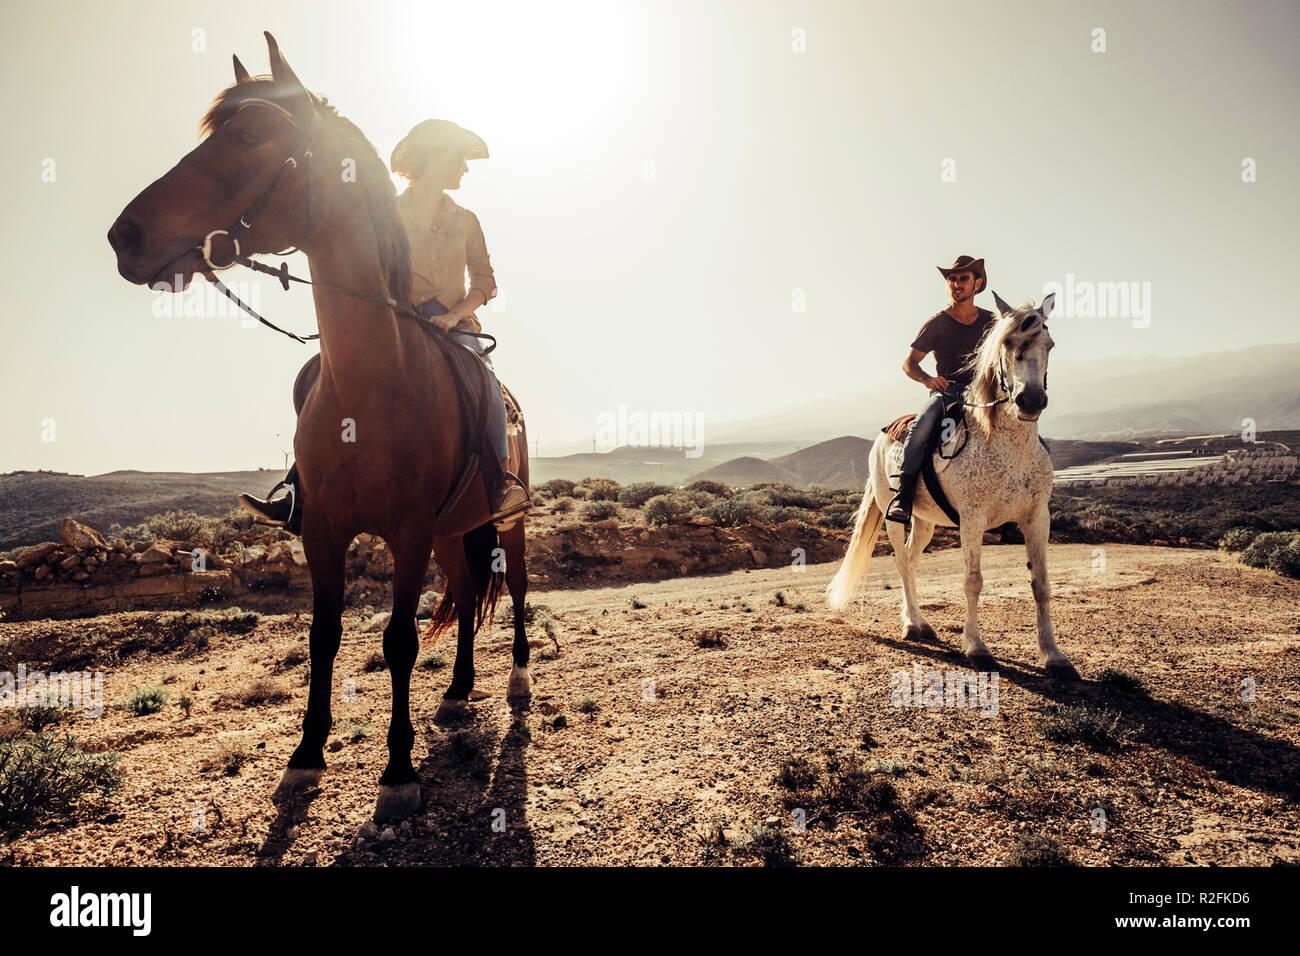 Paar Pferde und Cowboys männlichen und weiblichen freie Fahrt in die Natur in den Bergen von Teneriffa. Lifestyle und alternative Werke oder Freizeitaktivität Konzept für Mann und Frau Stockfoto